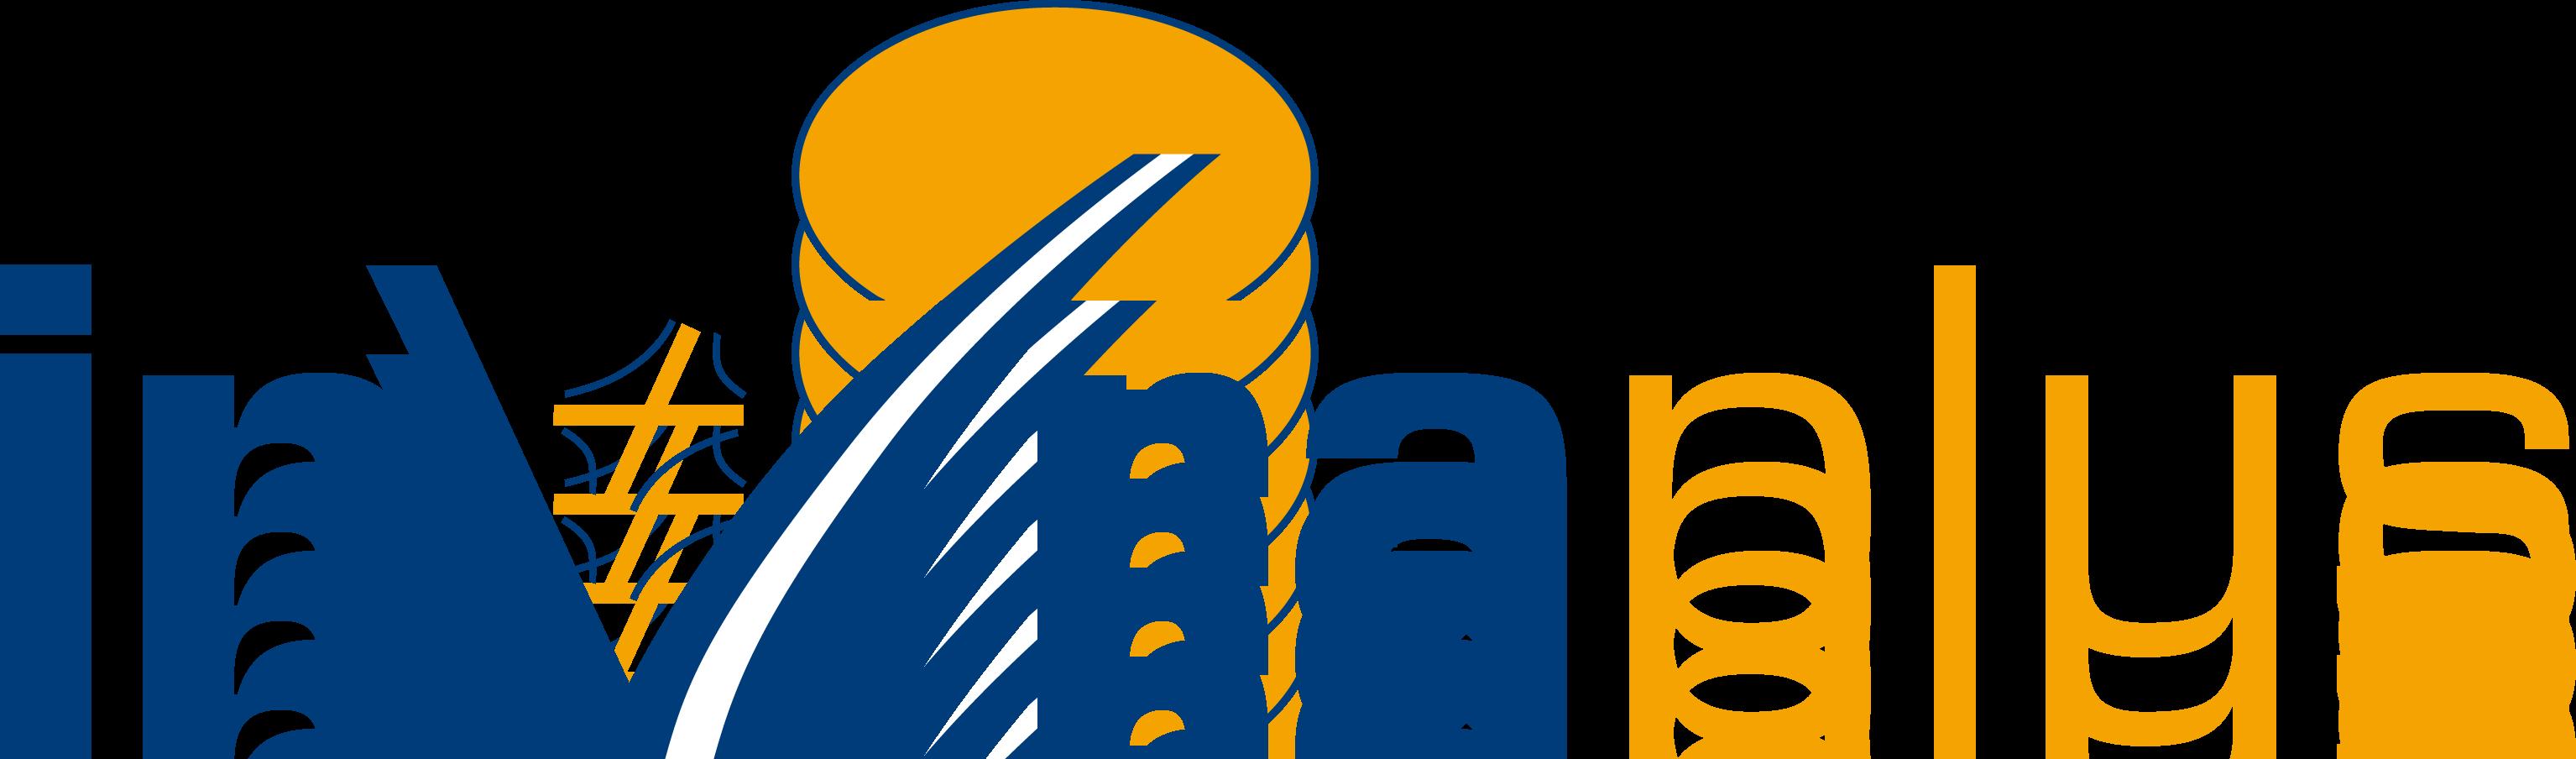 Afbeeldingsresultaat voor logo invraplus